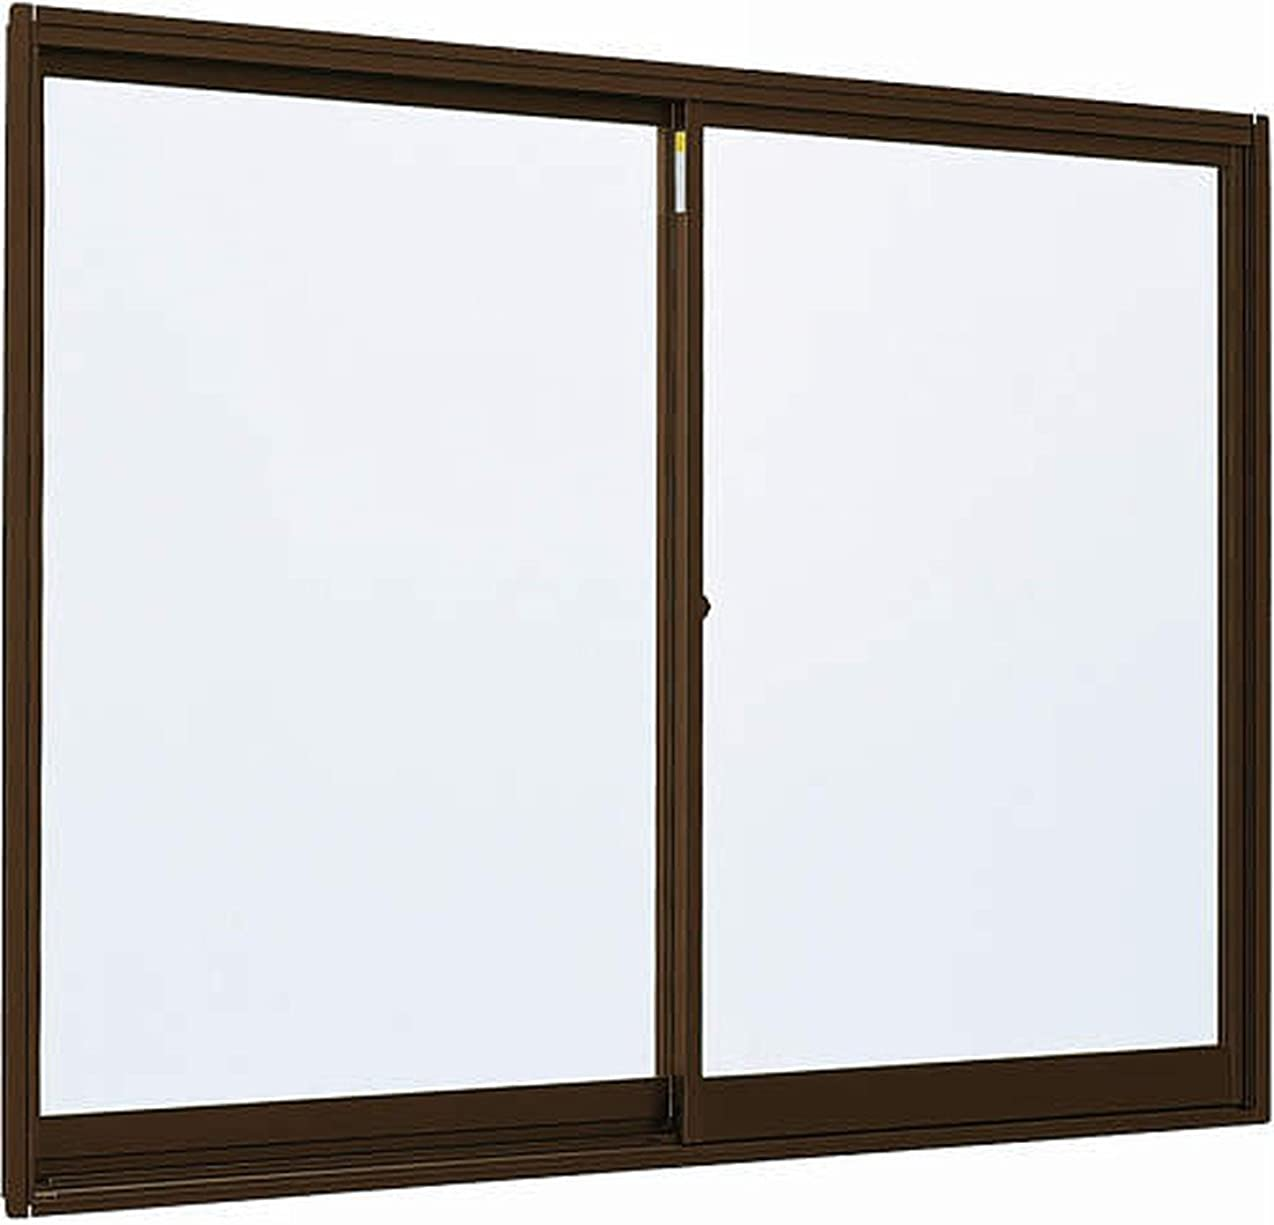 罰内側ぬいぐるみメーカー受注生産品 アルミサッシ YKKap 簡易サッシ 倉庫?物置?工場等 「3SH-V」 引違い窓 半外付型 W 1240mm×H 450mm[1204] 窓 引き違い 半外付け 単板ガラス シングルガラス 型ガラス-不透明(4mm) B1:ブラウン